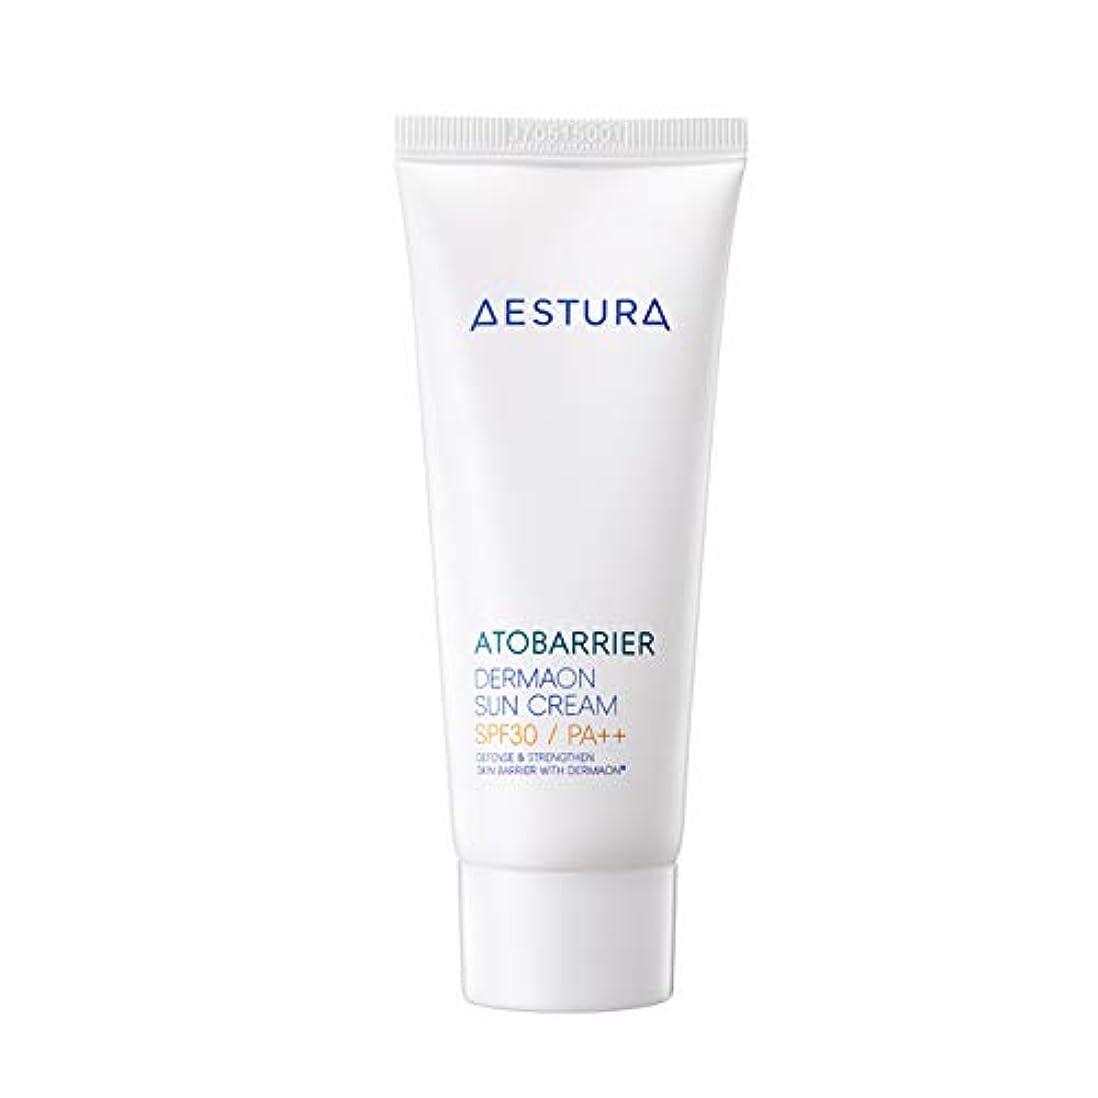 空白自分の気づかないAESTURA アトバリエ ダーマオン サンクリーム 60ml,SPF30 / PA++ Atobarrier Dermaon Sun Cream